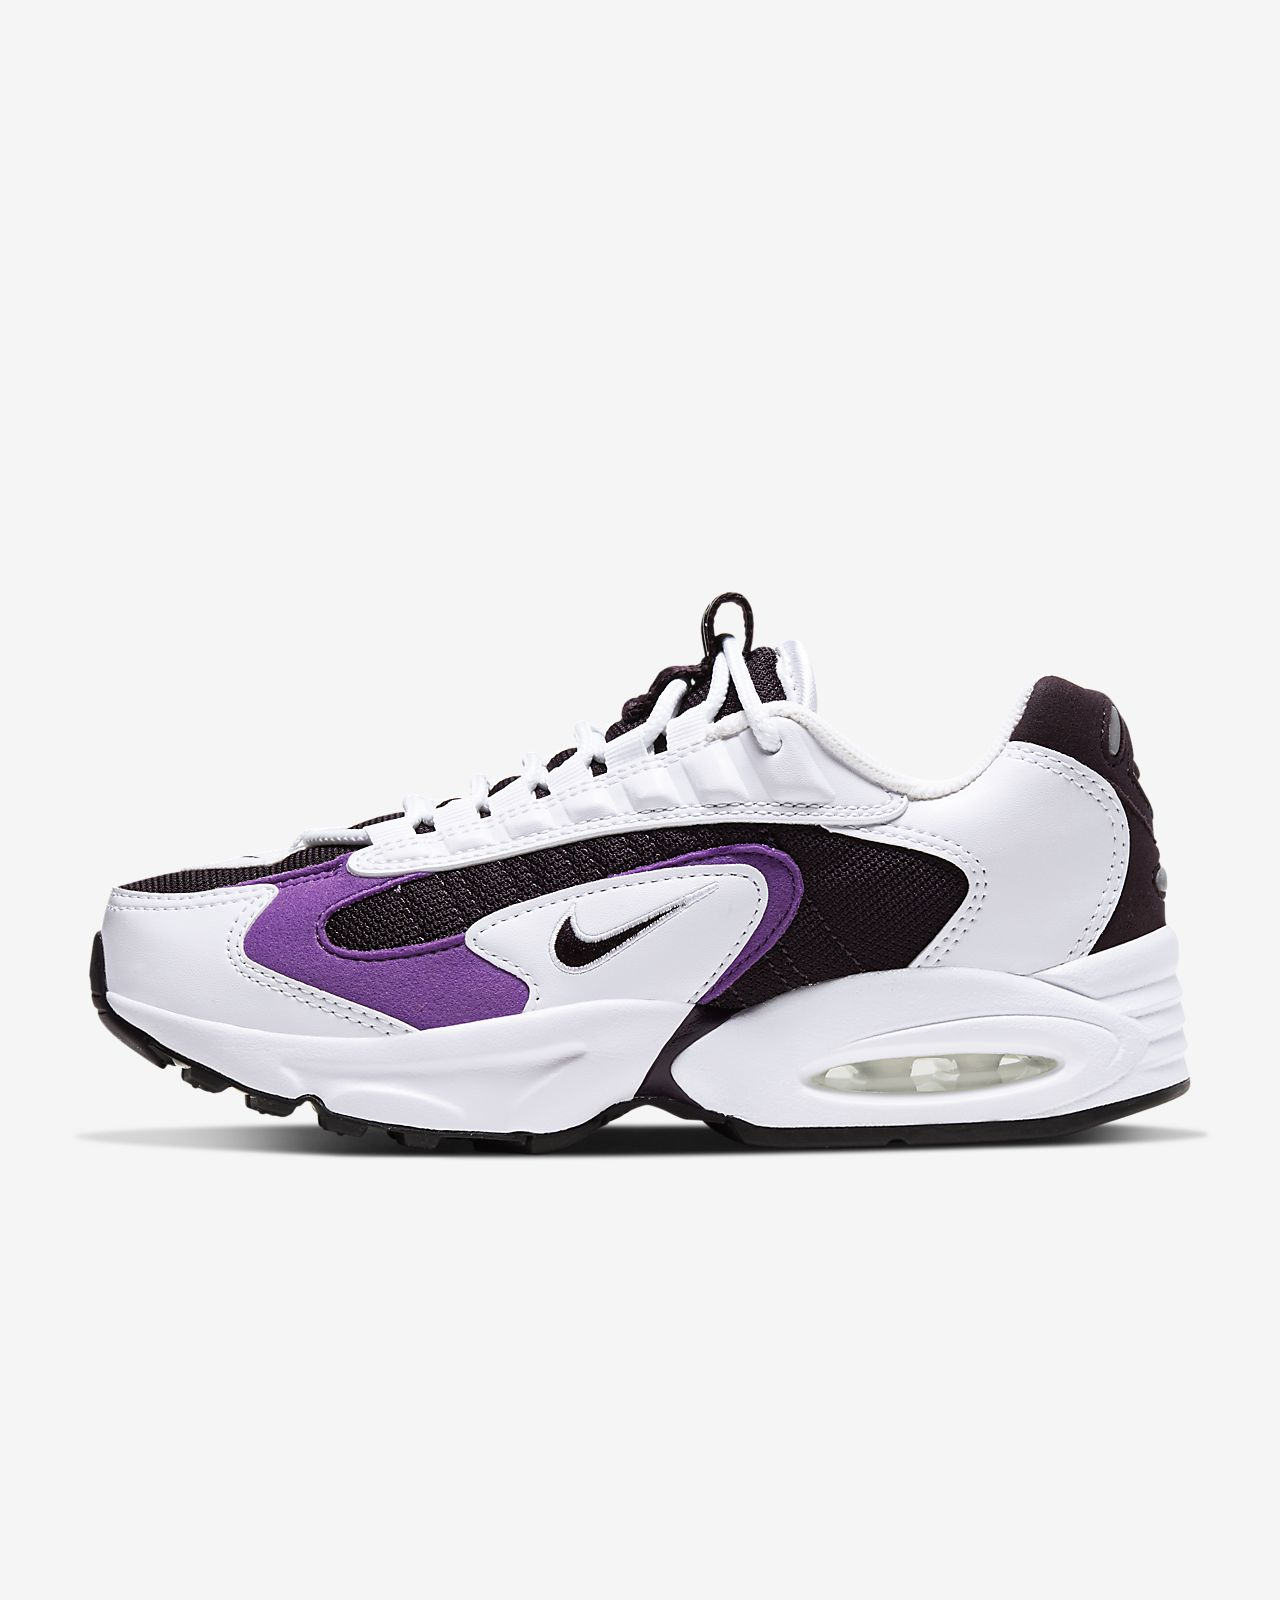 Sko Nike Air Max Triax för kvinnor